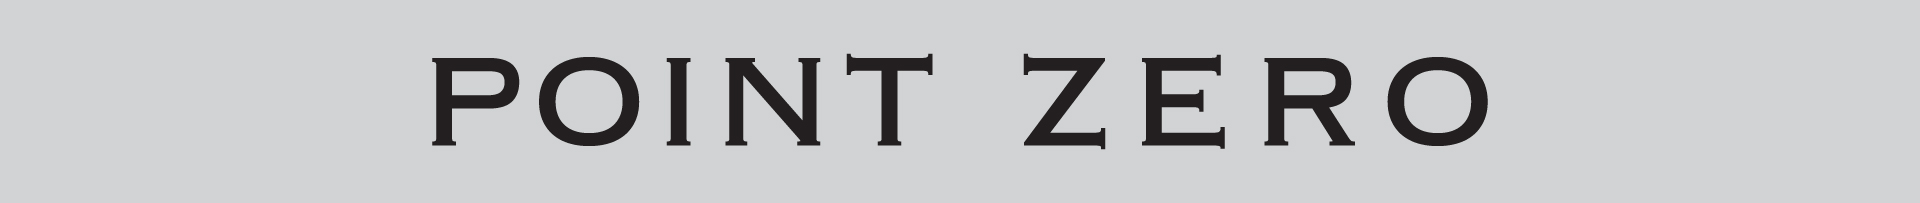 Point Zero